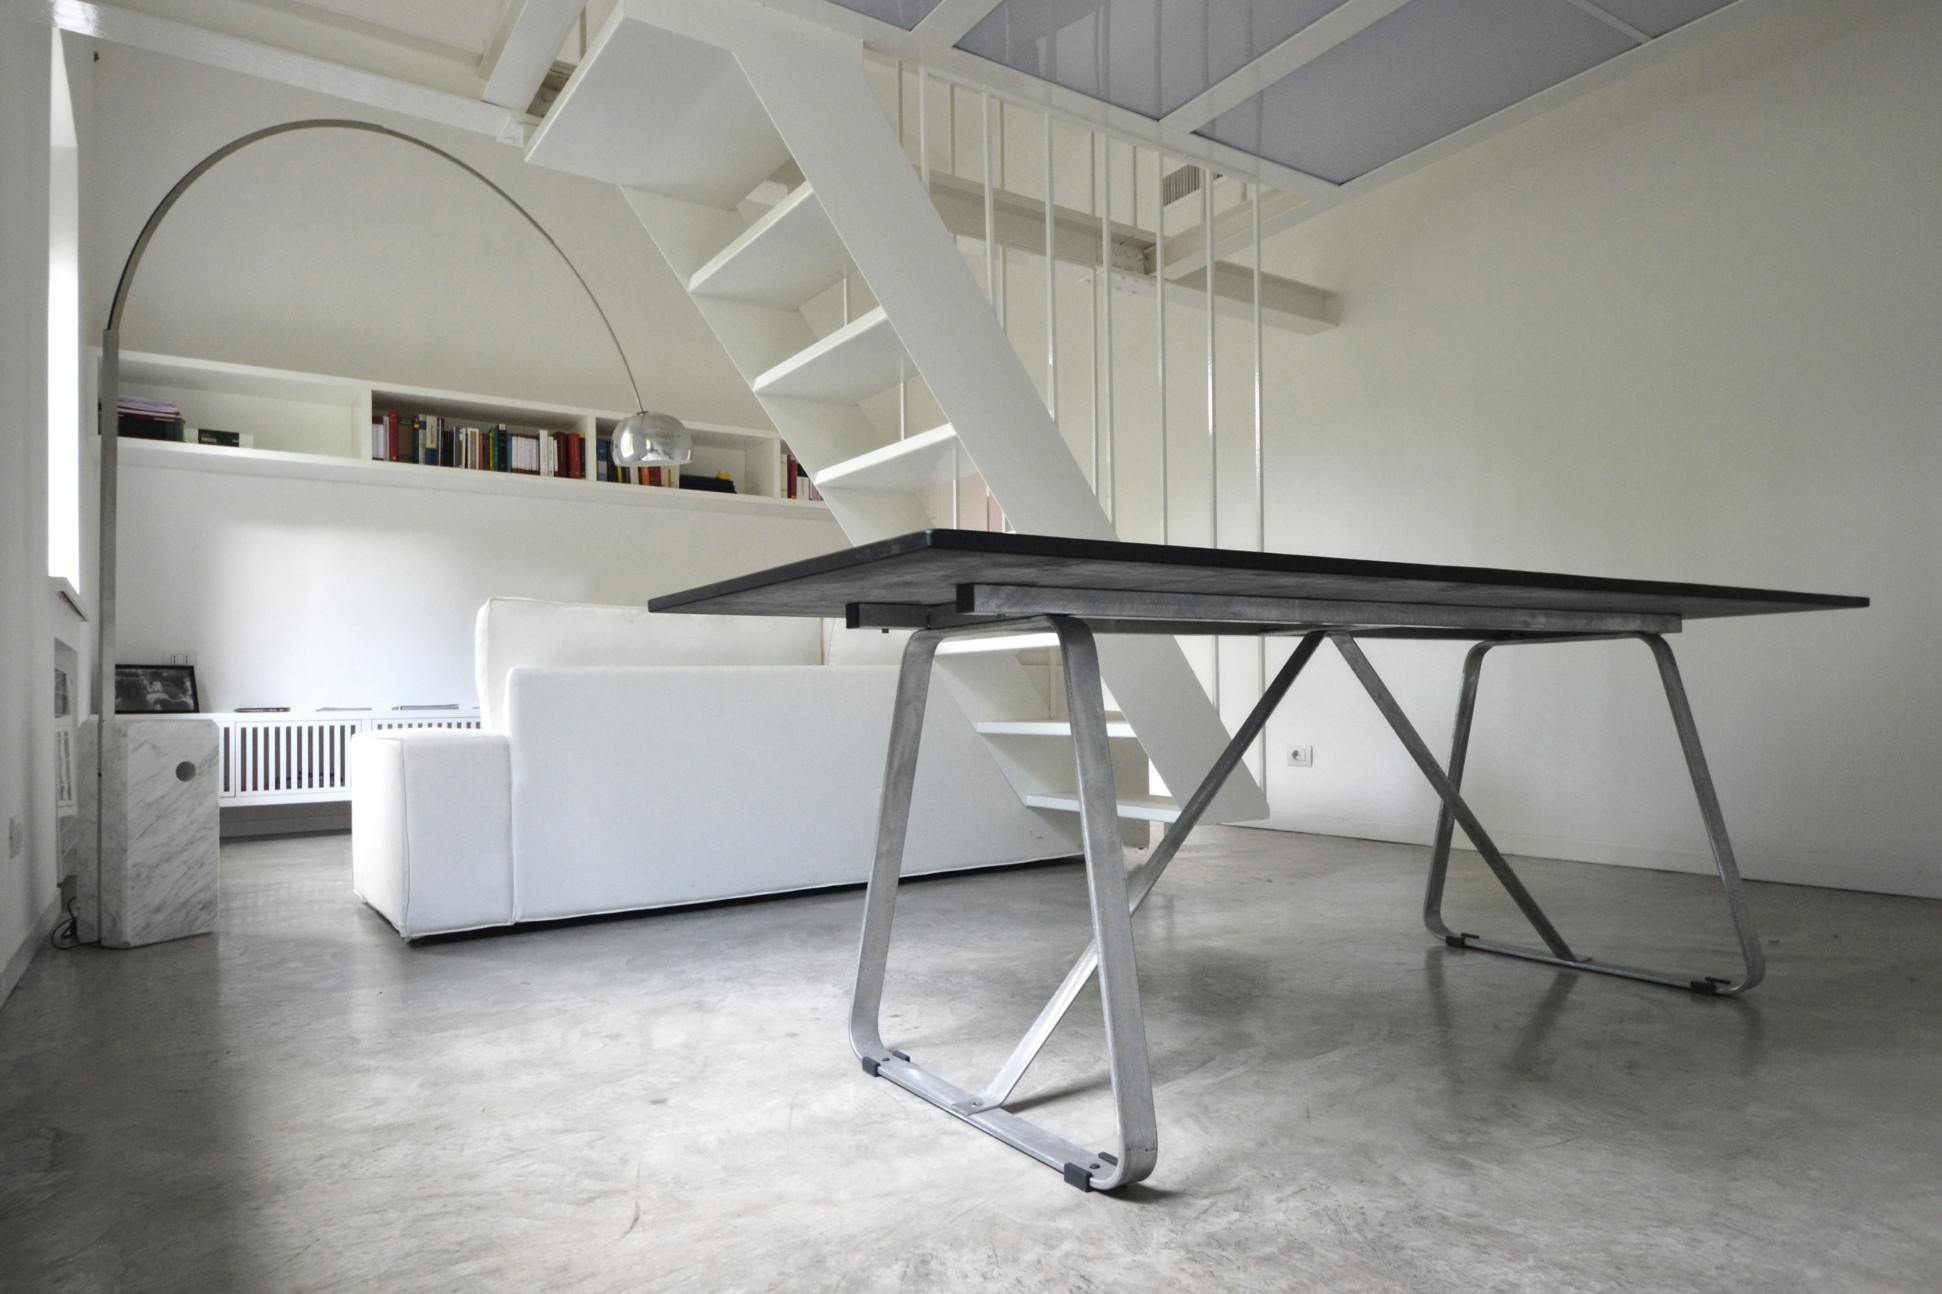 Architettura E Design lad - laboratorio di architettura e design: home